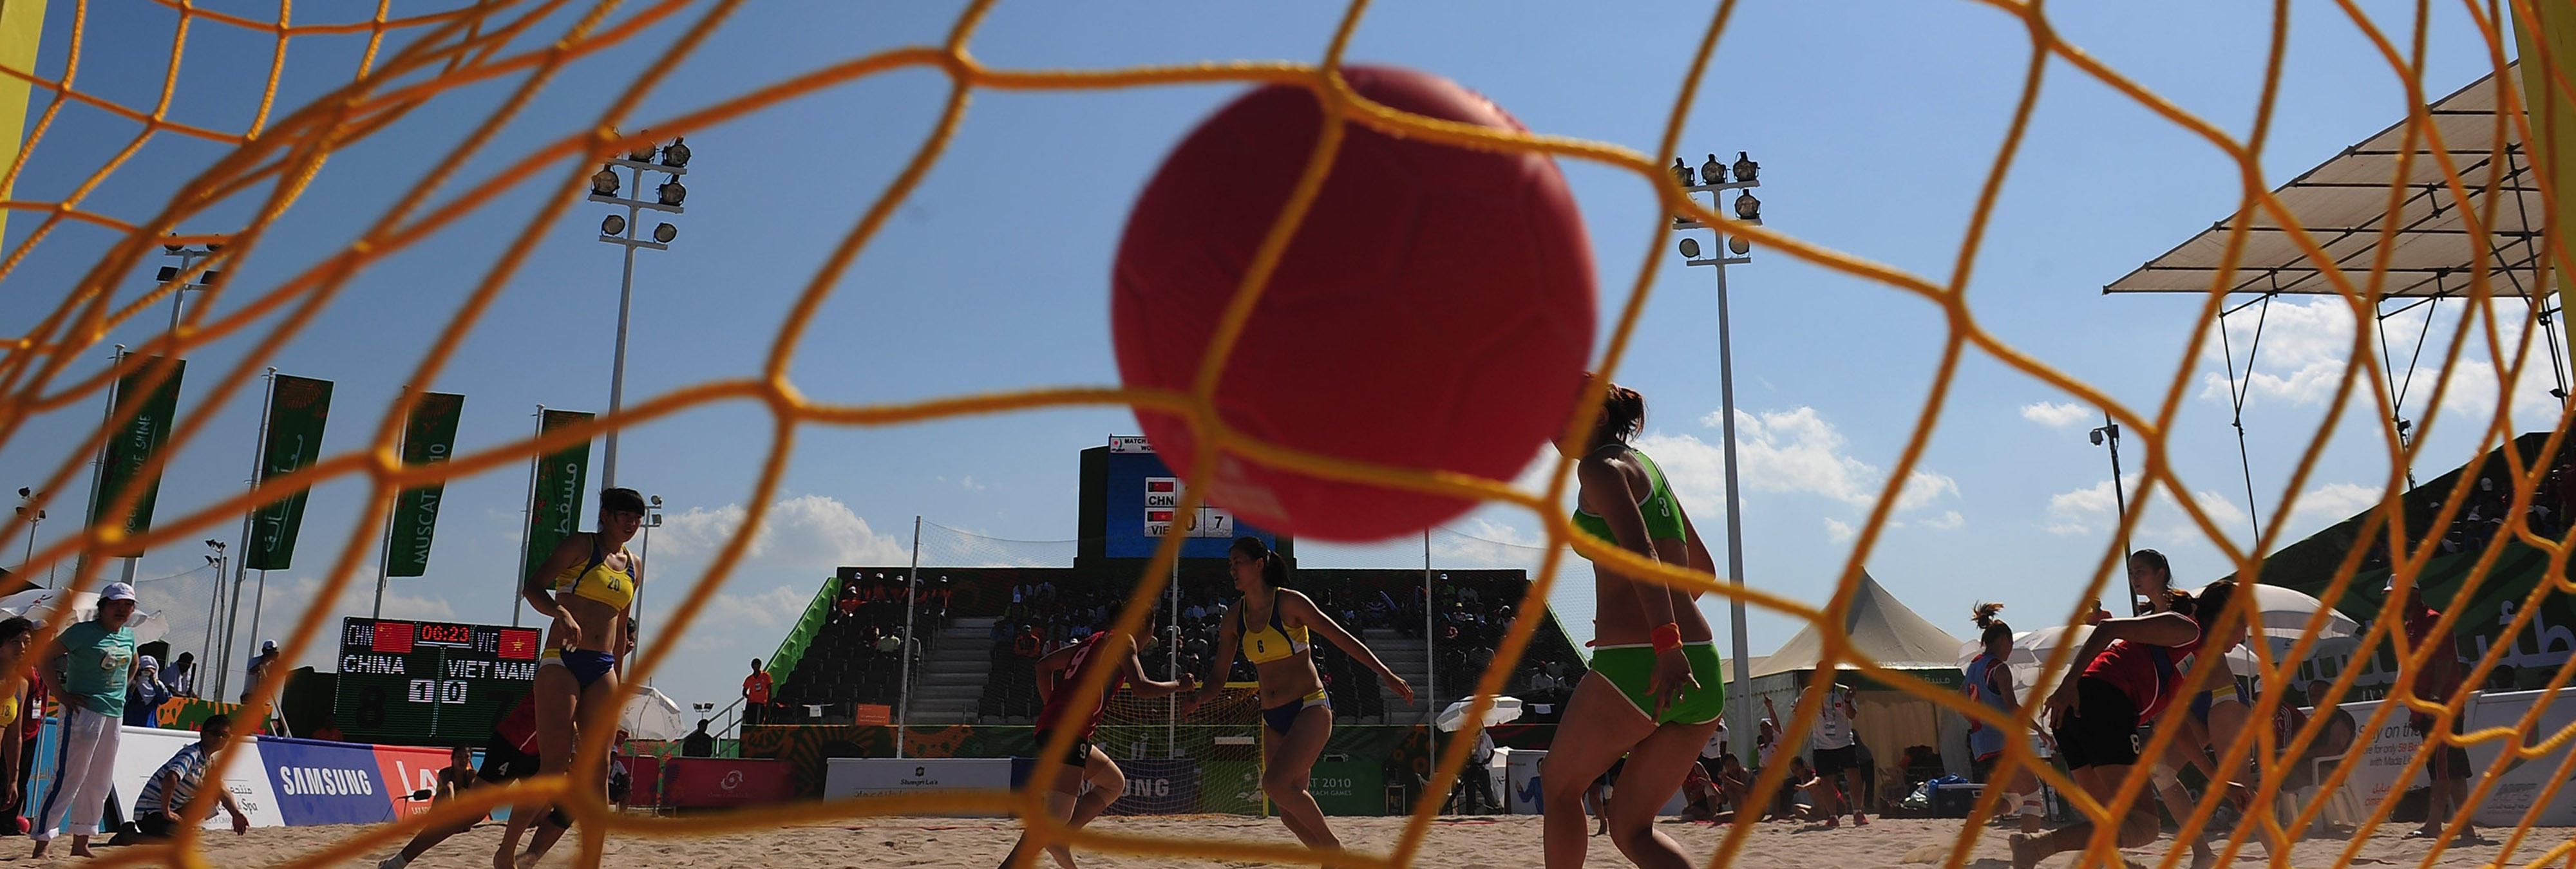 España es campeona del mundo de balonmano playa y no te habías enterado